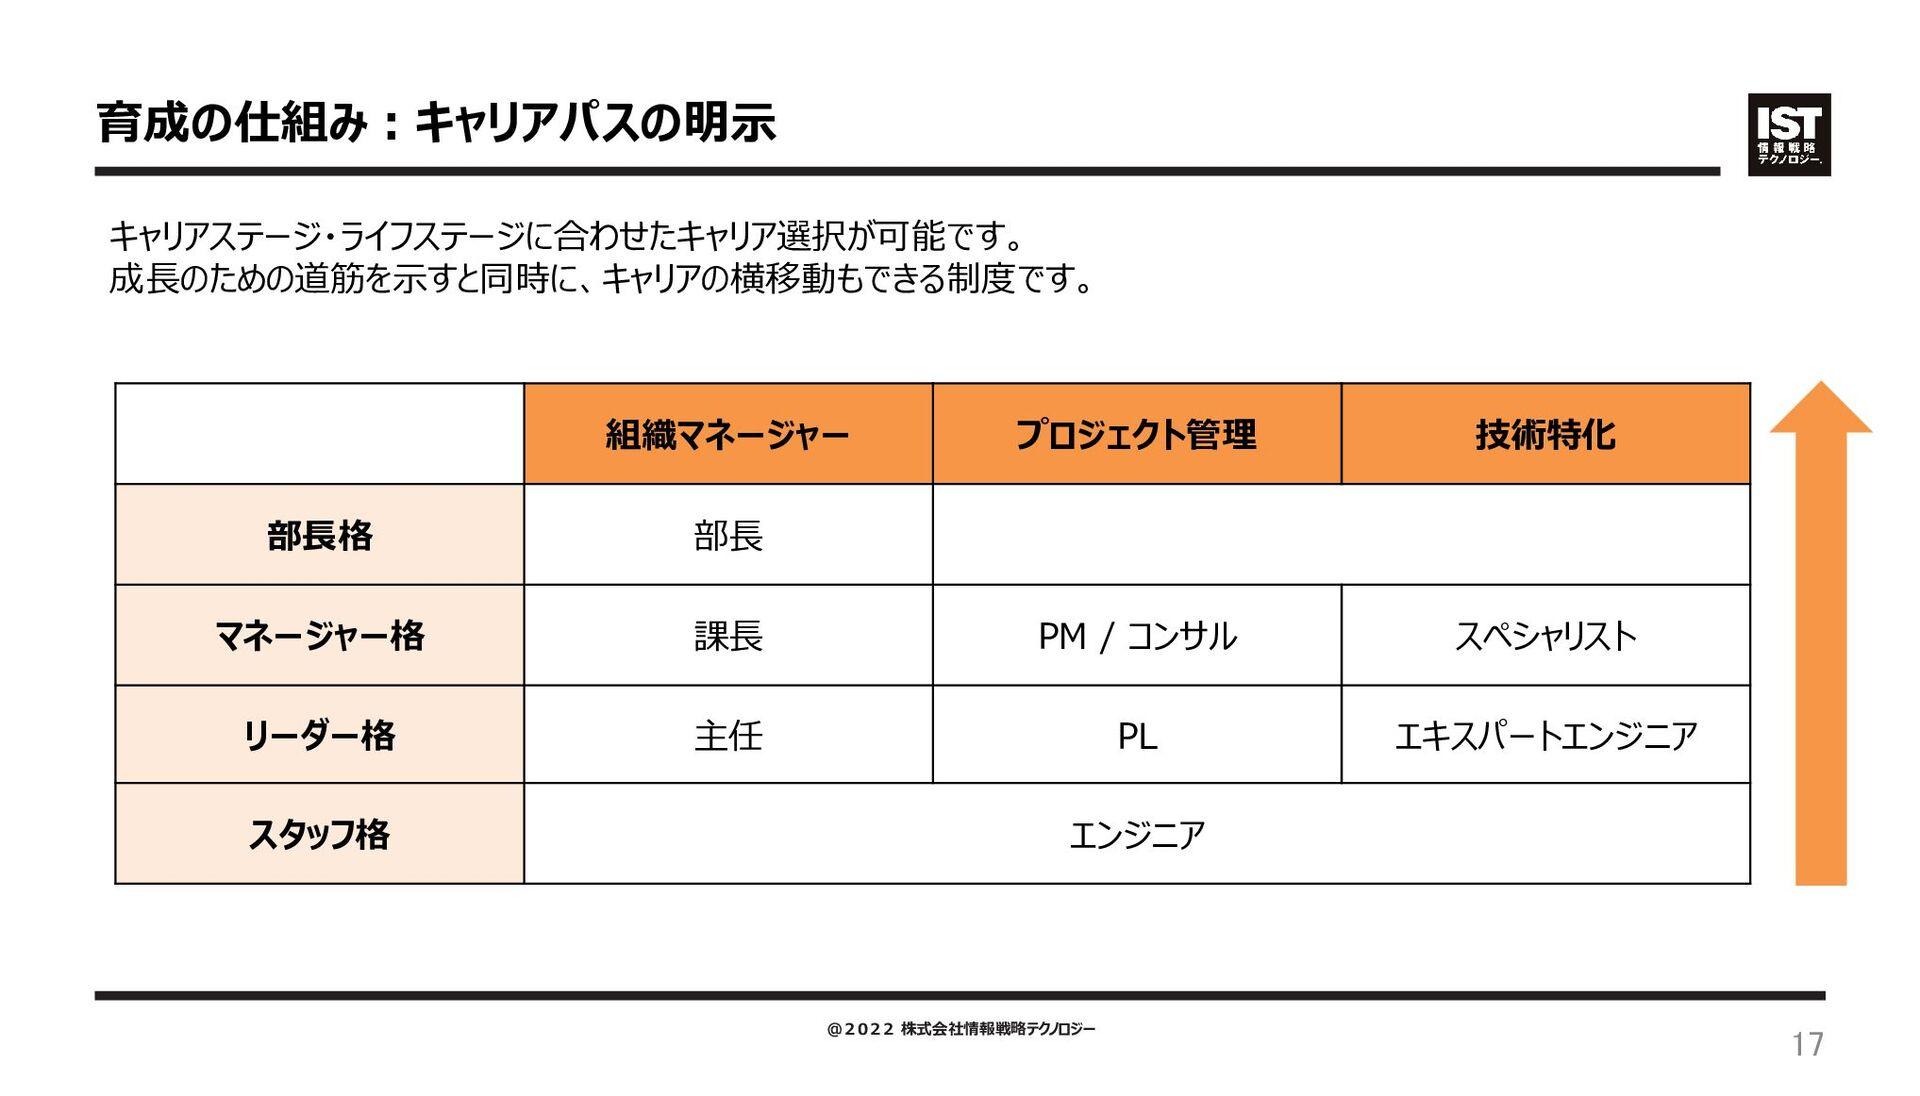 環境 / スキルアップ ① 待遇・環境 03 金融 25.5% サービス 流通・小売 20.8...